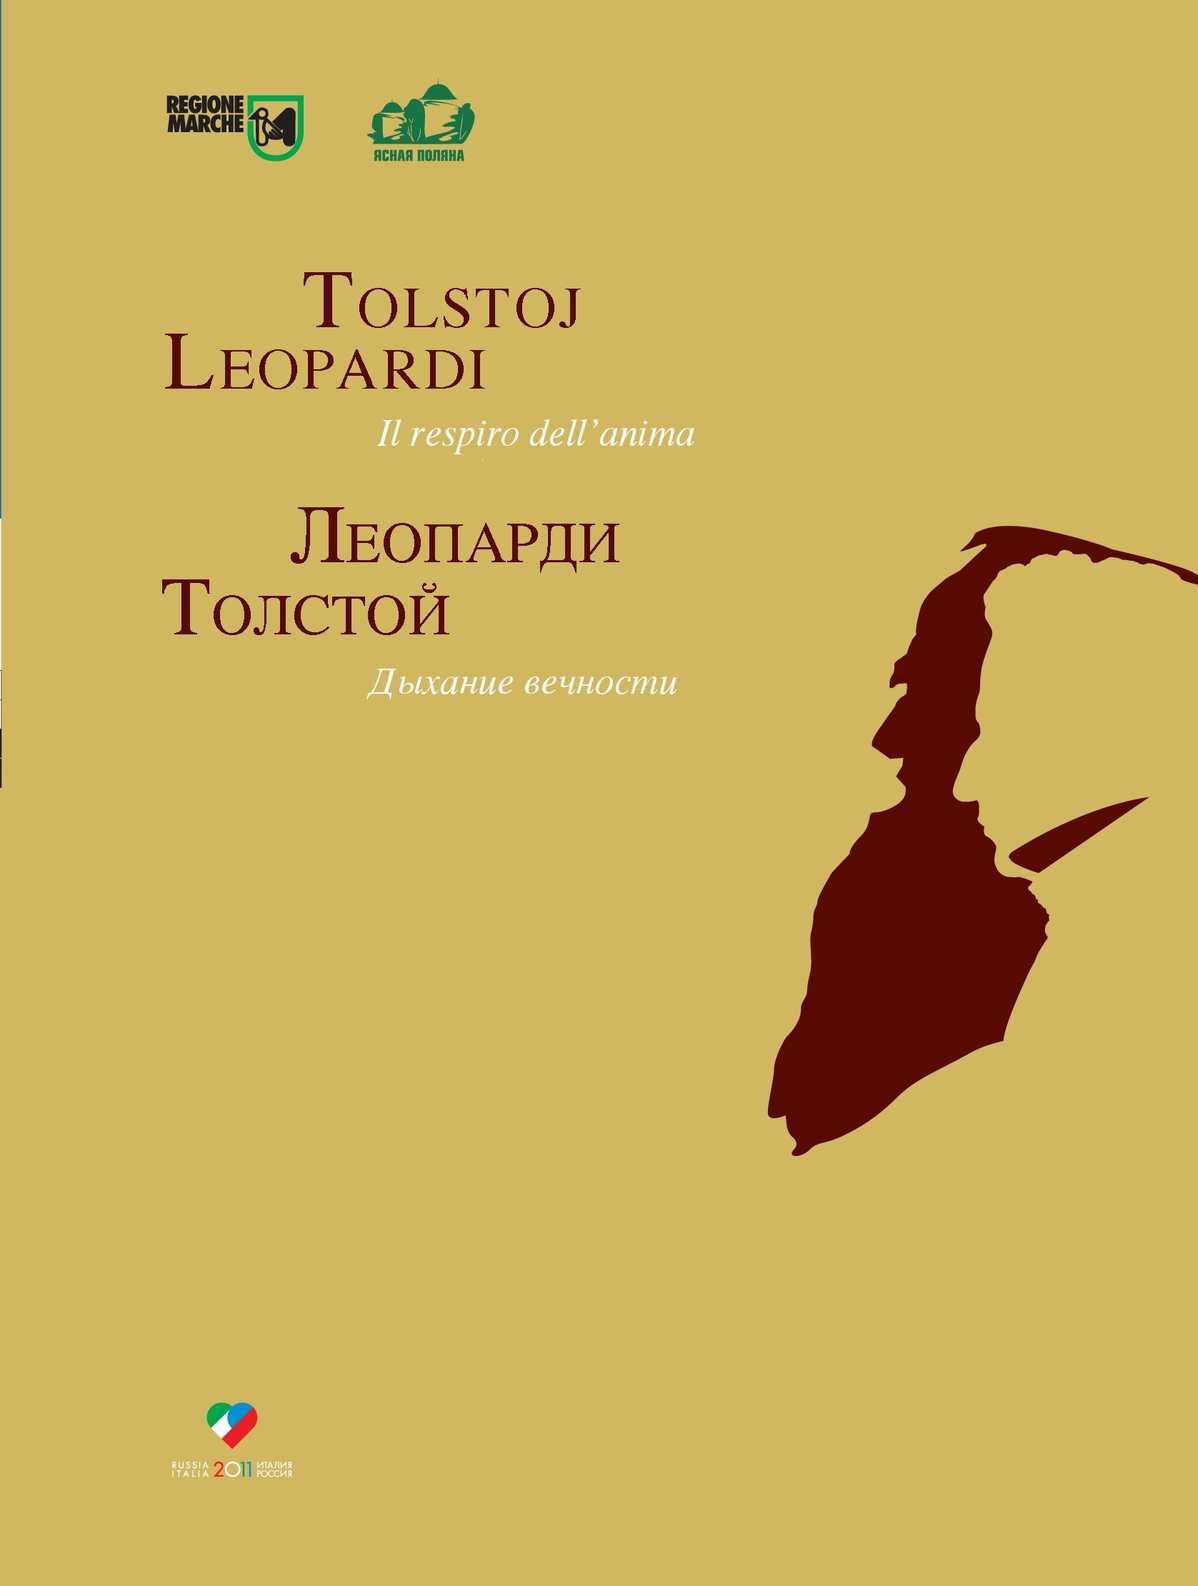 Calaméo Catalogo Tolstoj Leopardi Il Respiro Dell Anima